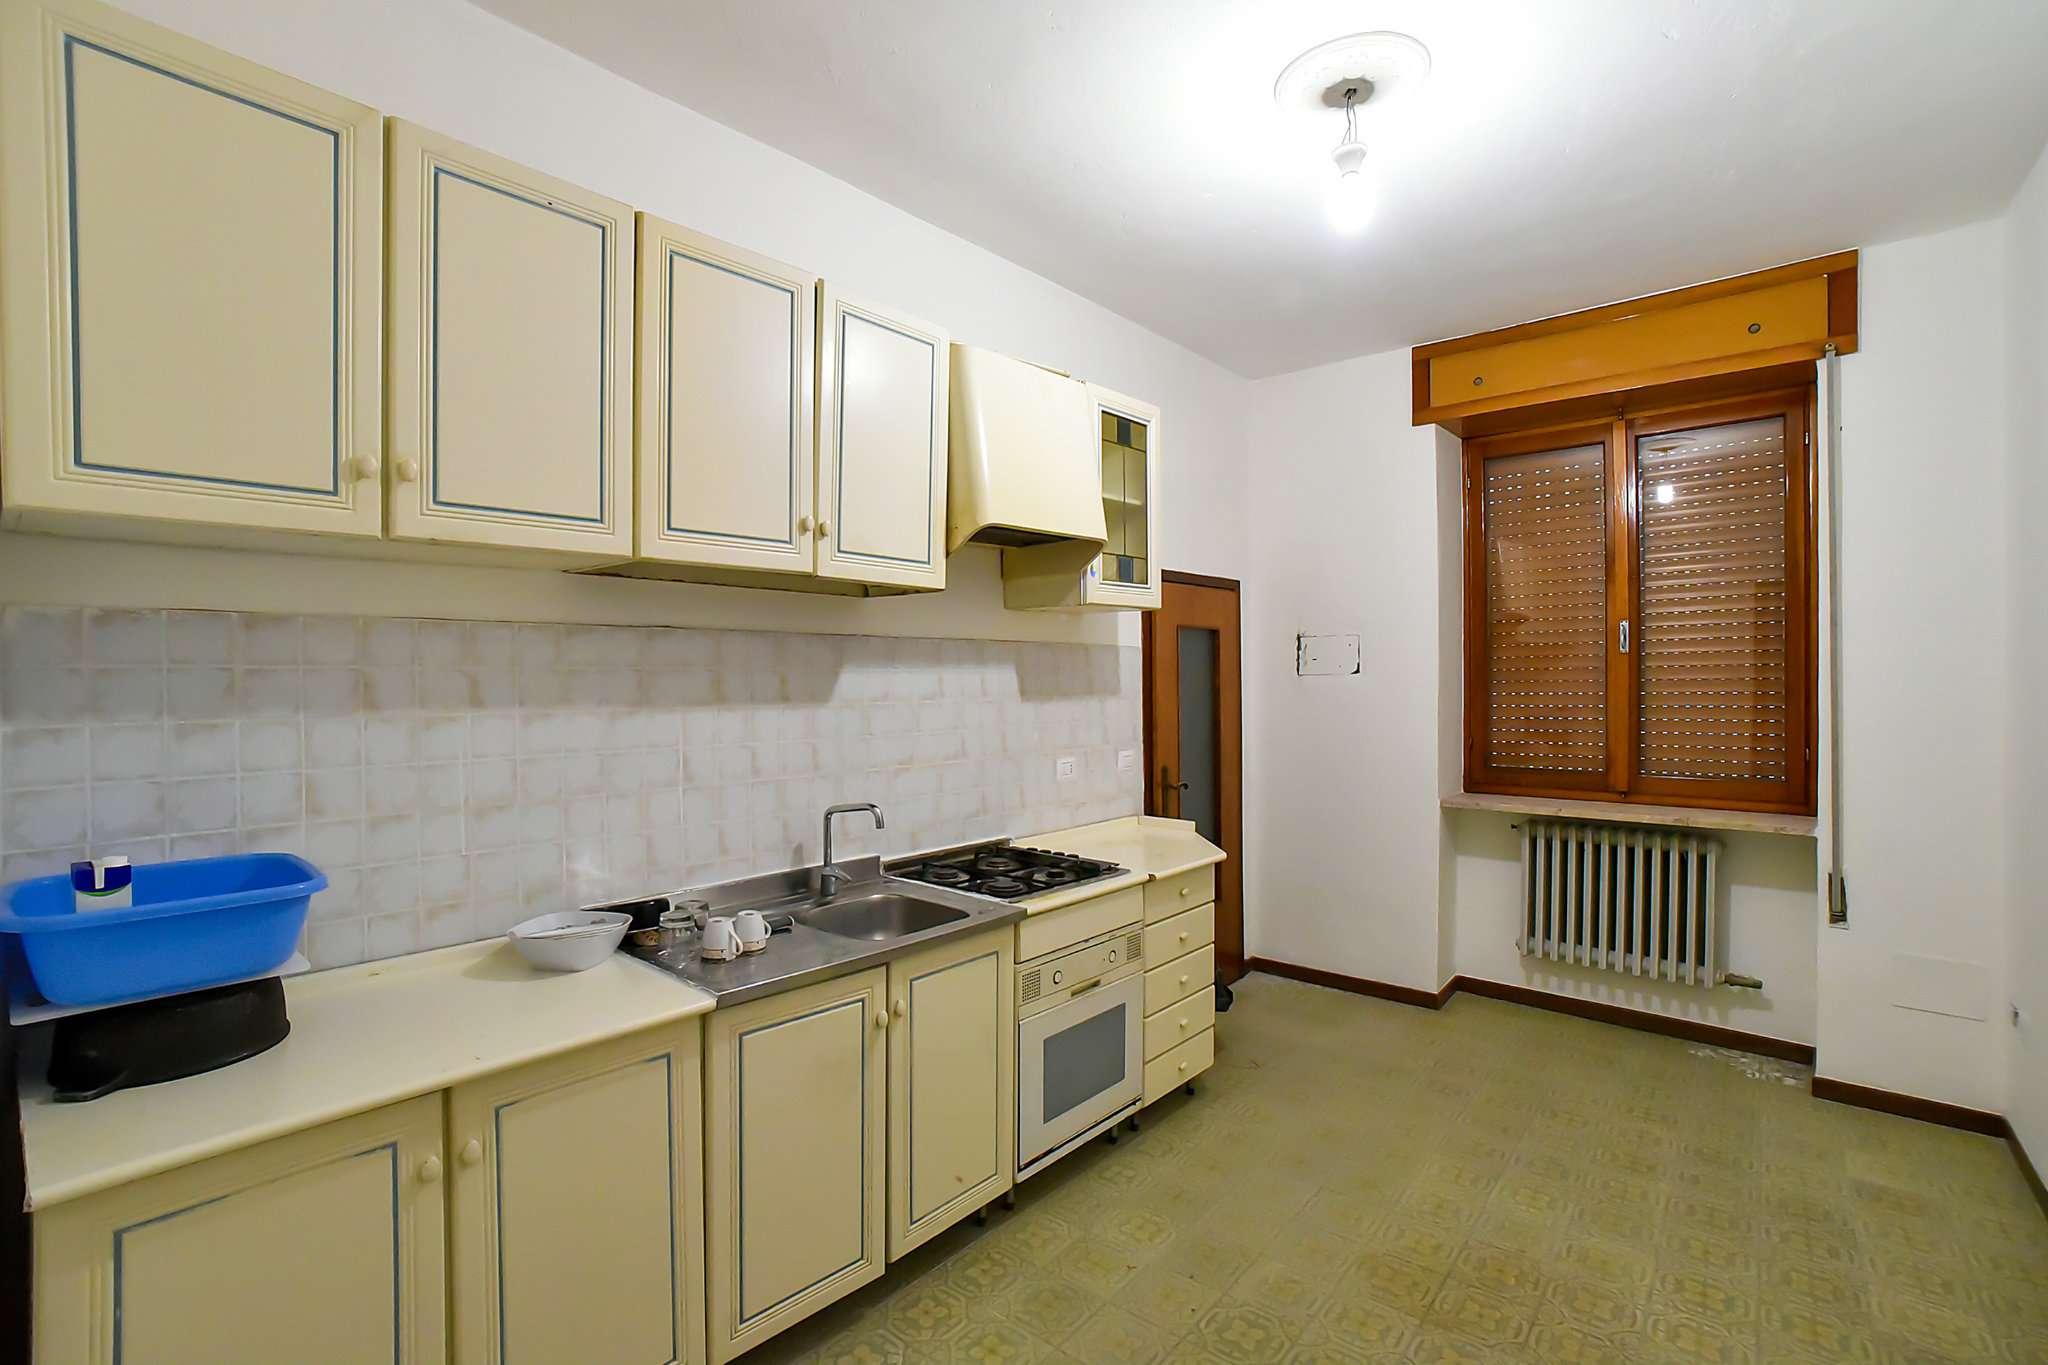 Appartamento in vendita a Calcio, 3 locali, prezzo € 59.000   CambioCasa.it